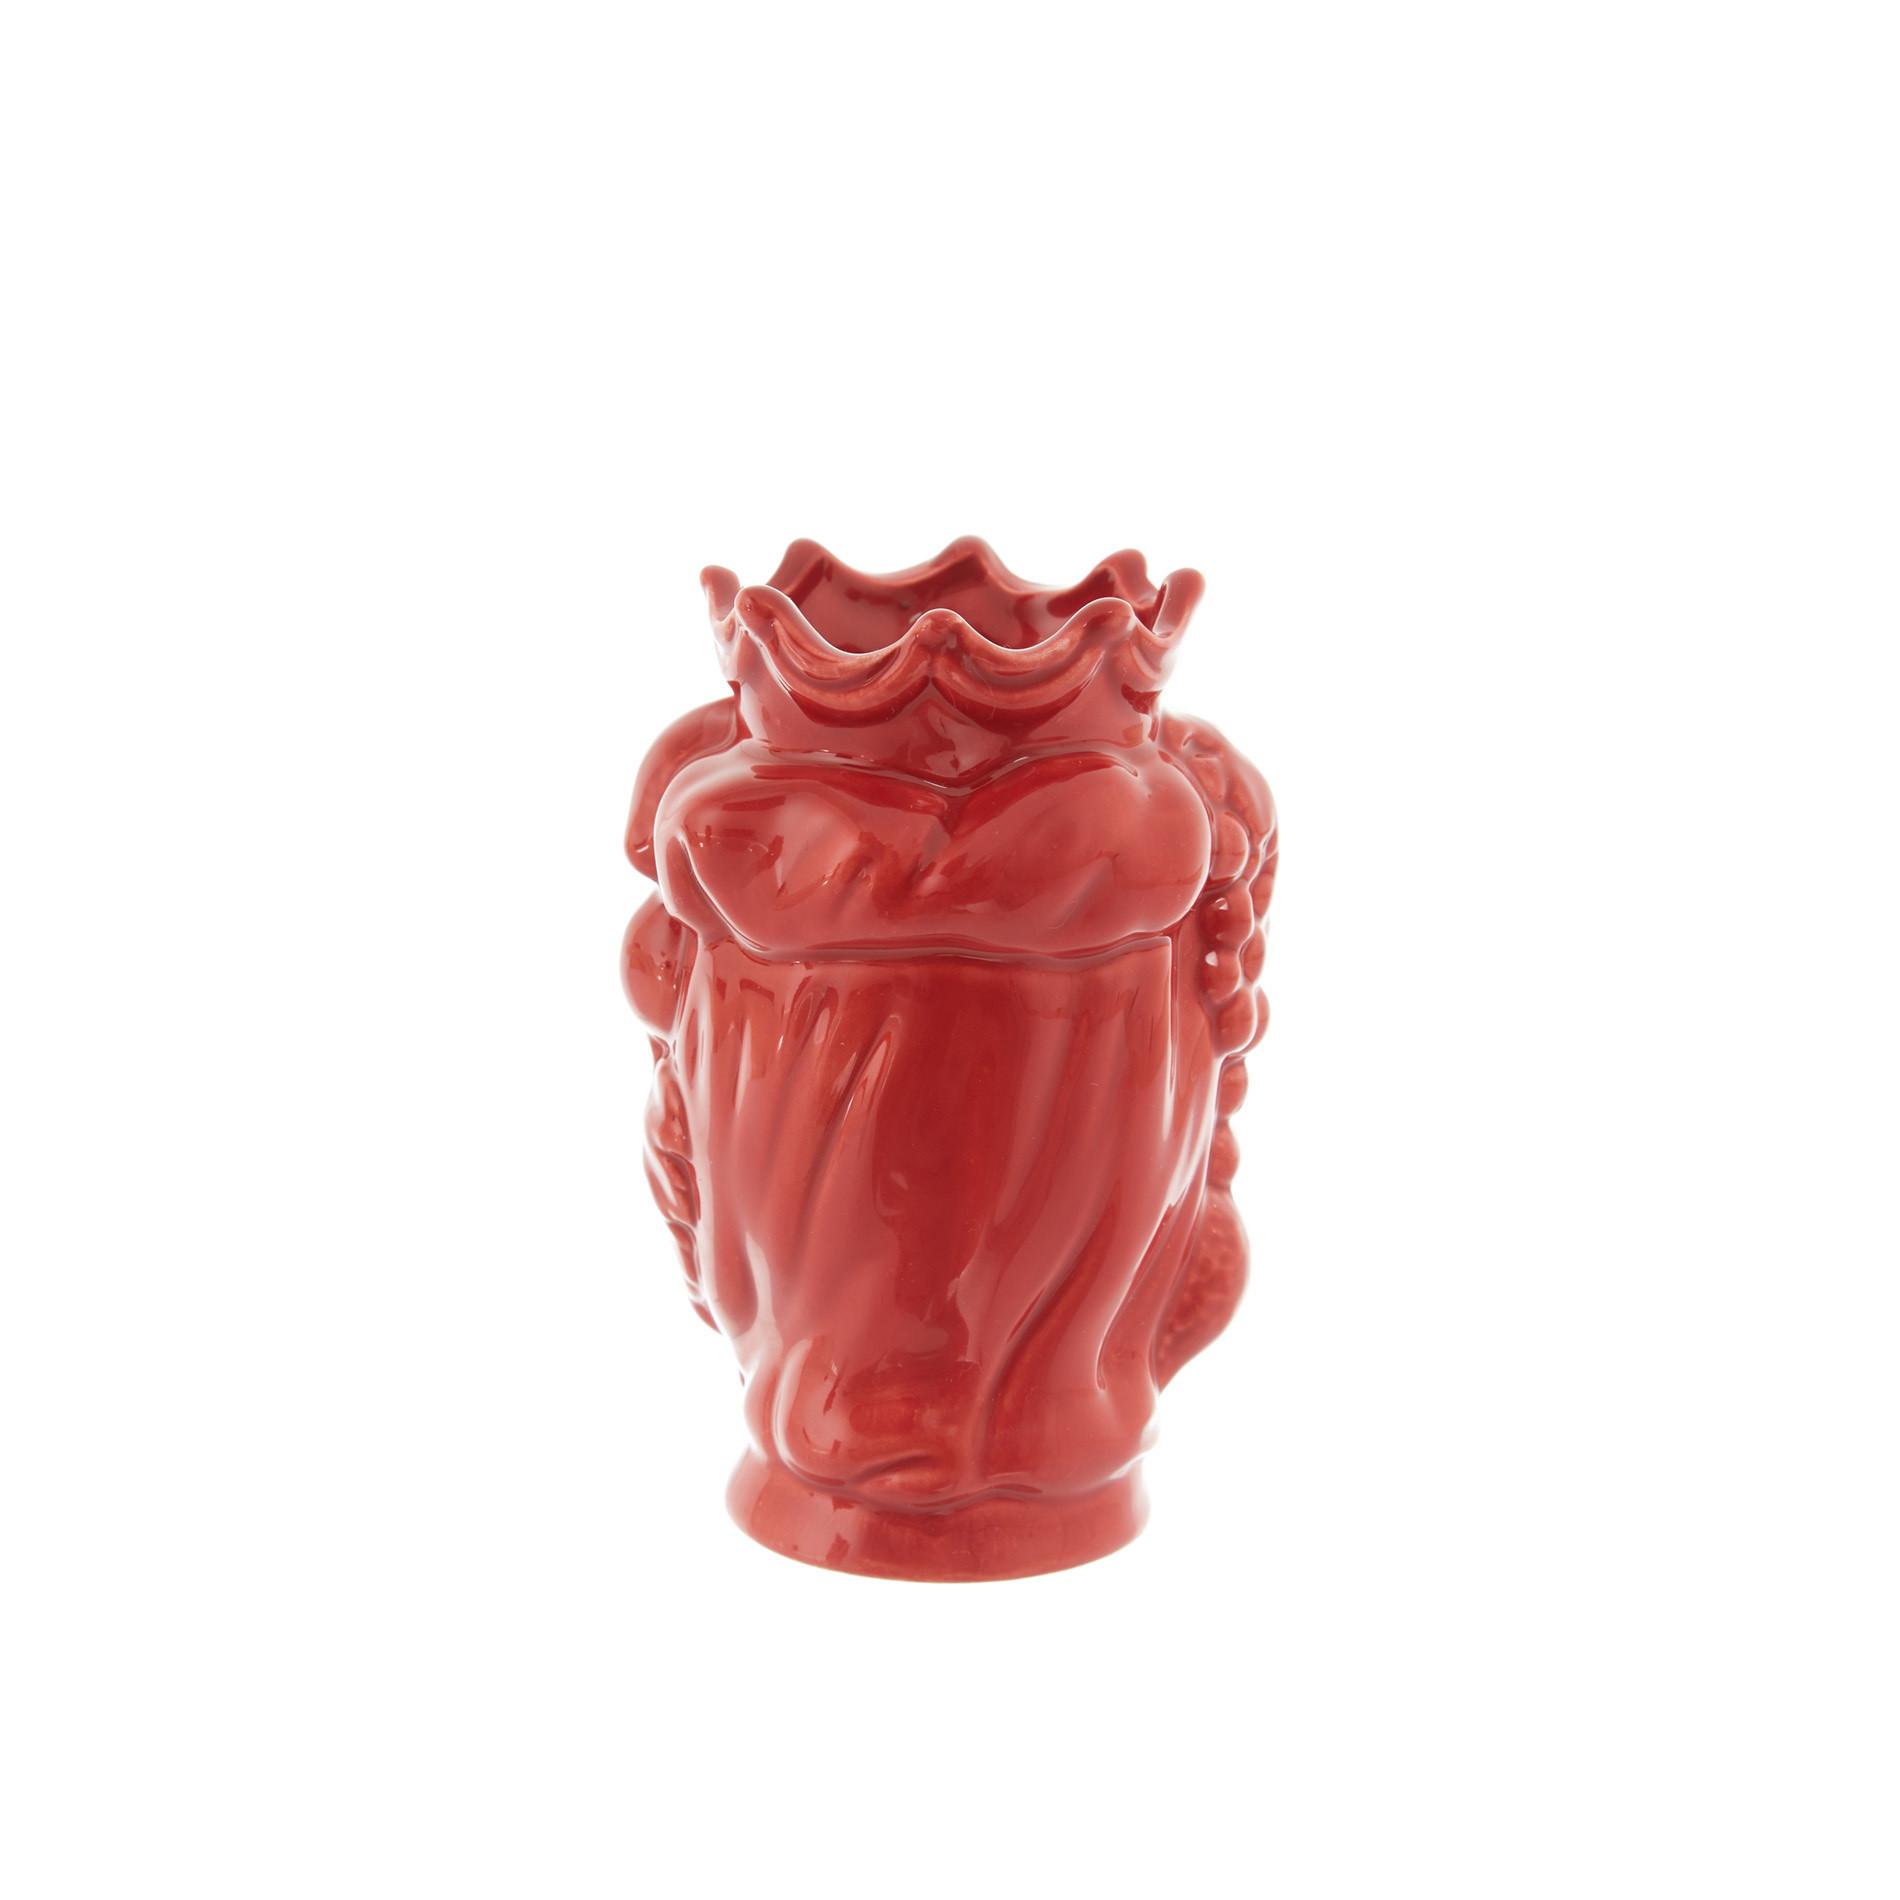 Testa di moro by Ceramiche Siciliane Ruggeri, Rosso, large image number 2